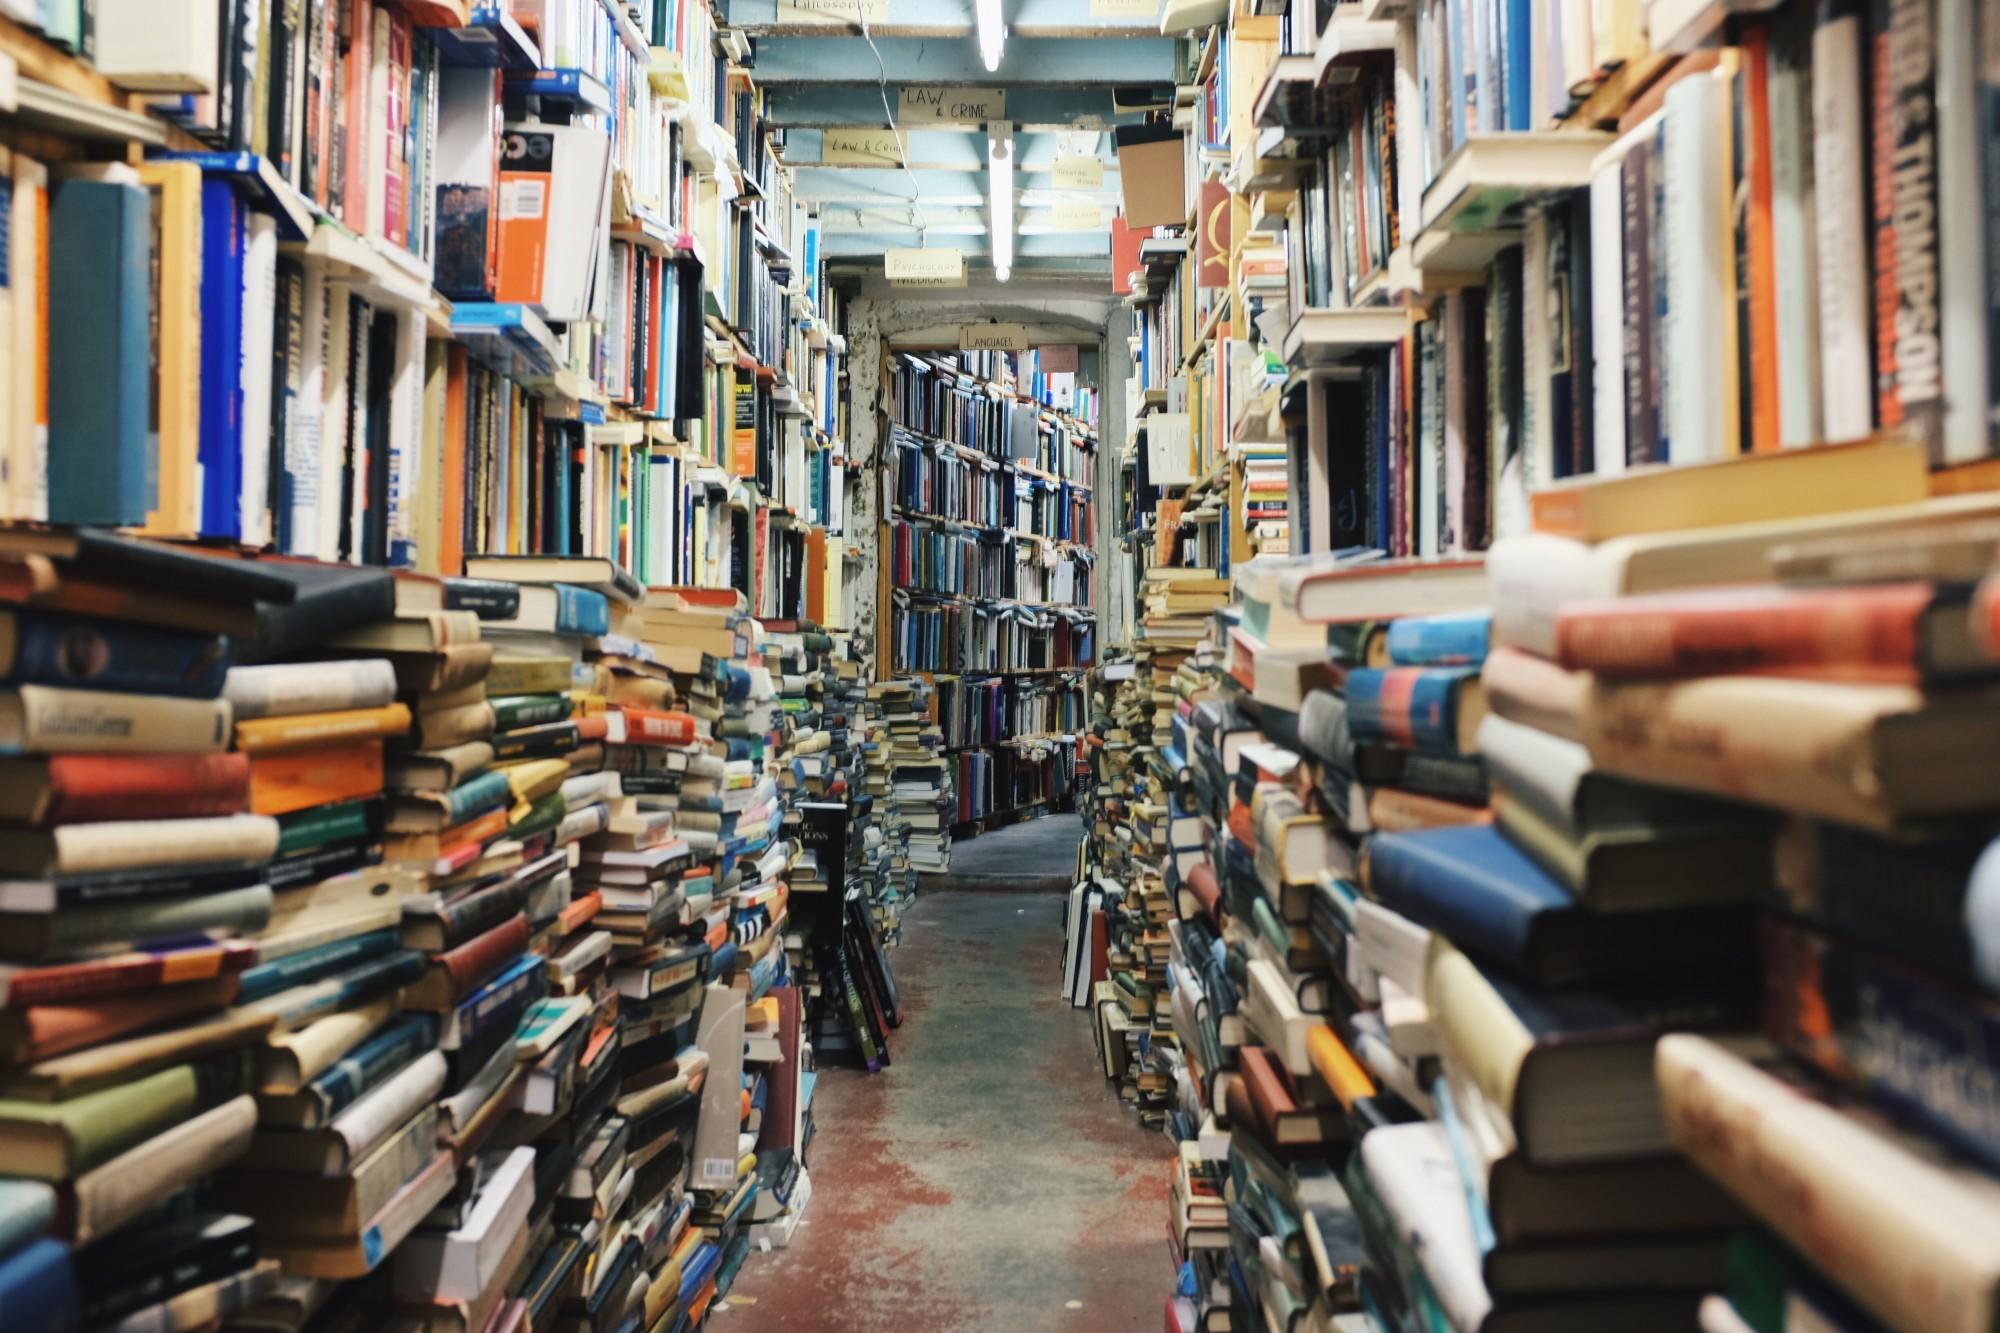 Smuk Guide til at købe bøger online - billigt og nemt JW-26